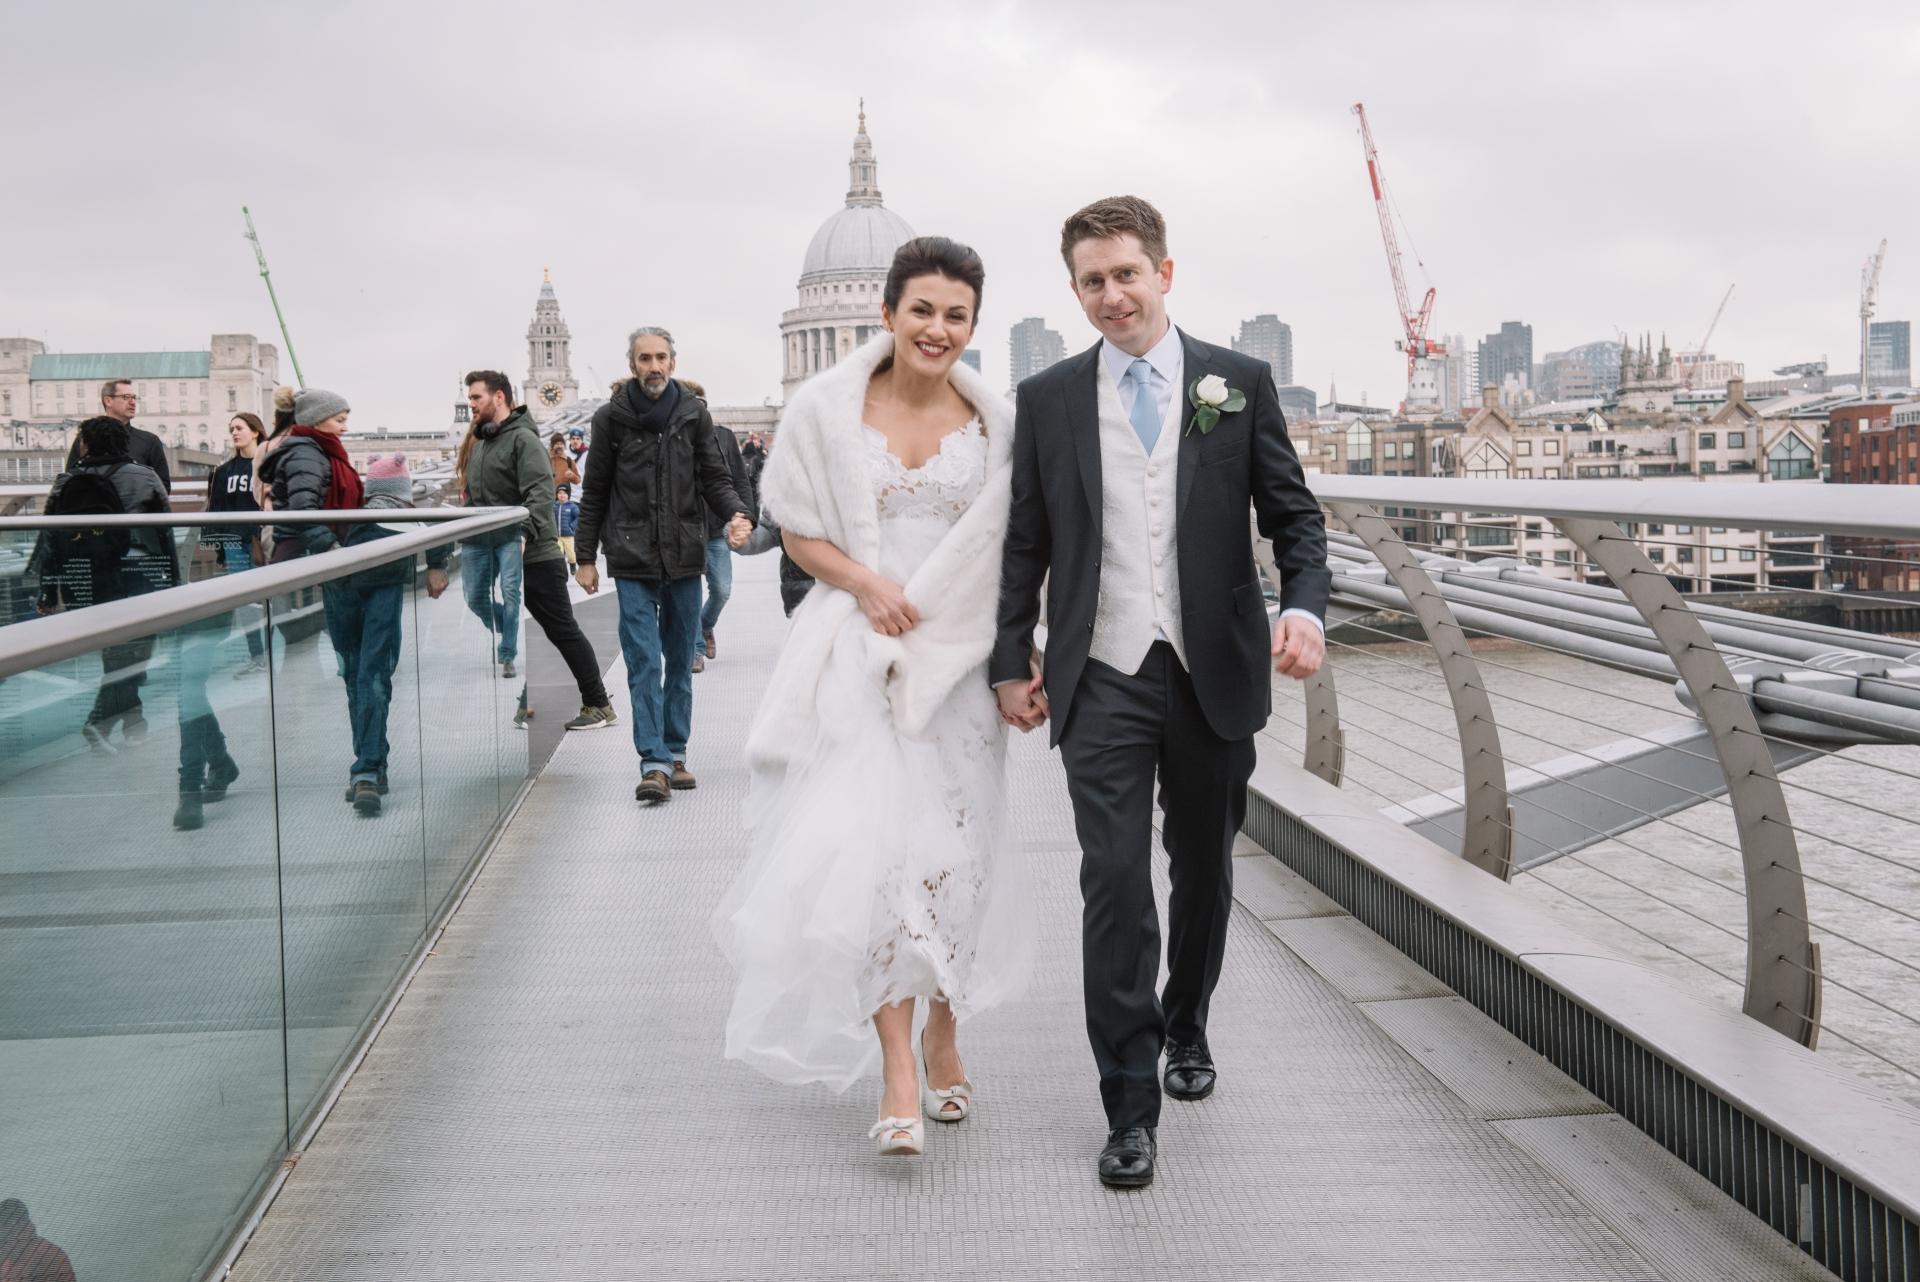 Shapespears Globe wedding photography